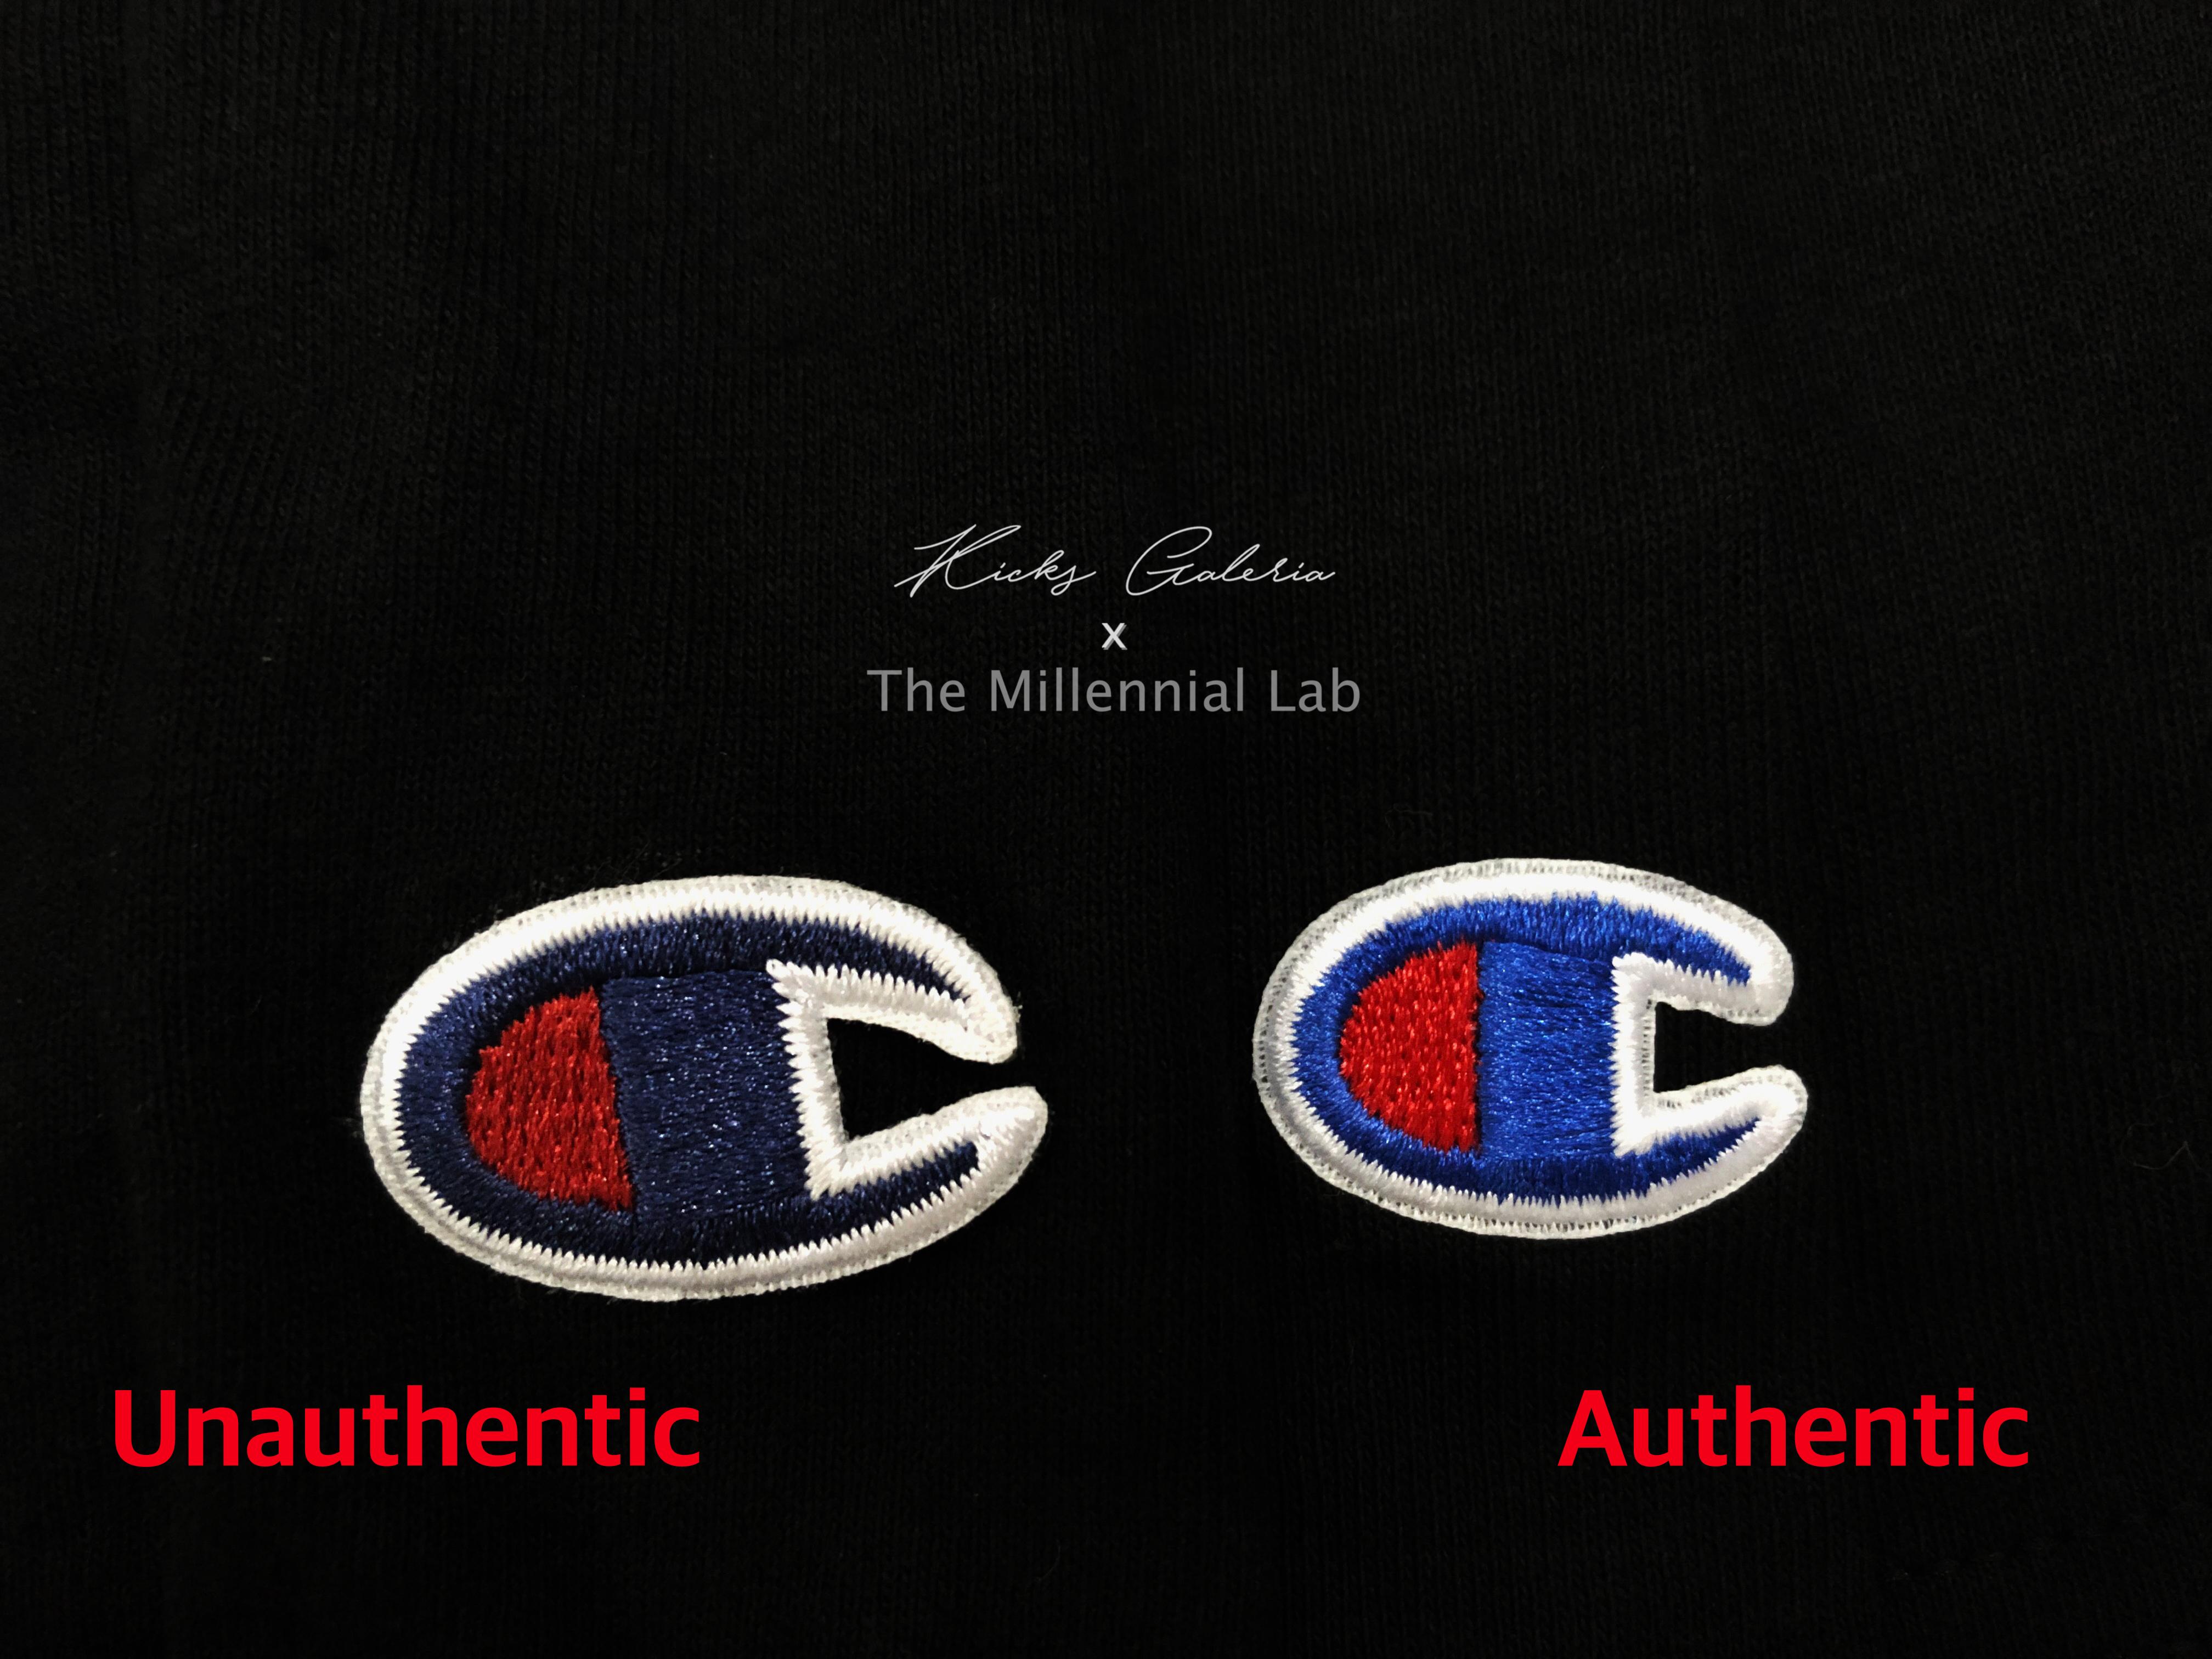 5dba54d1c706cc Mình cũng đã thử bóc logo ra và thật sự logo trên áo bên ngoài rất dễ bóc  ra . Logo ép dán vào không kĩ.